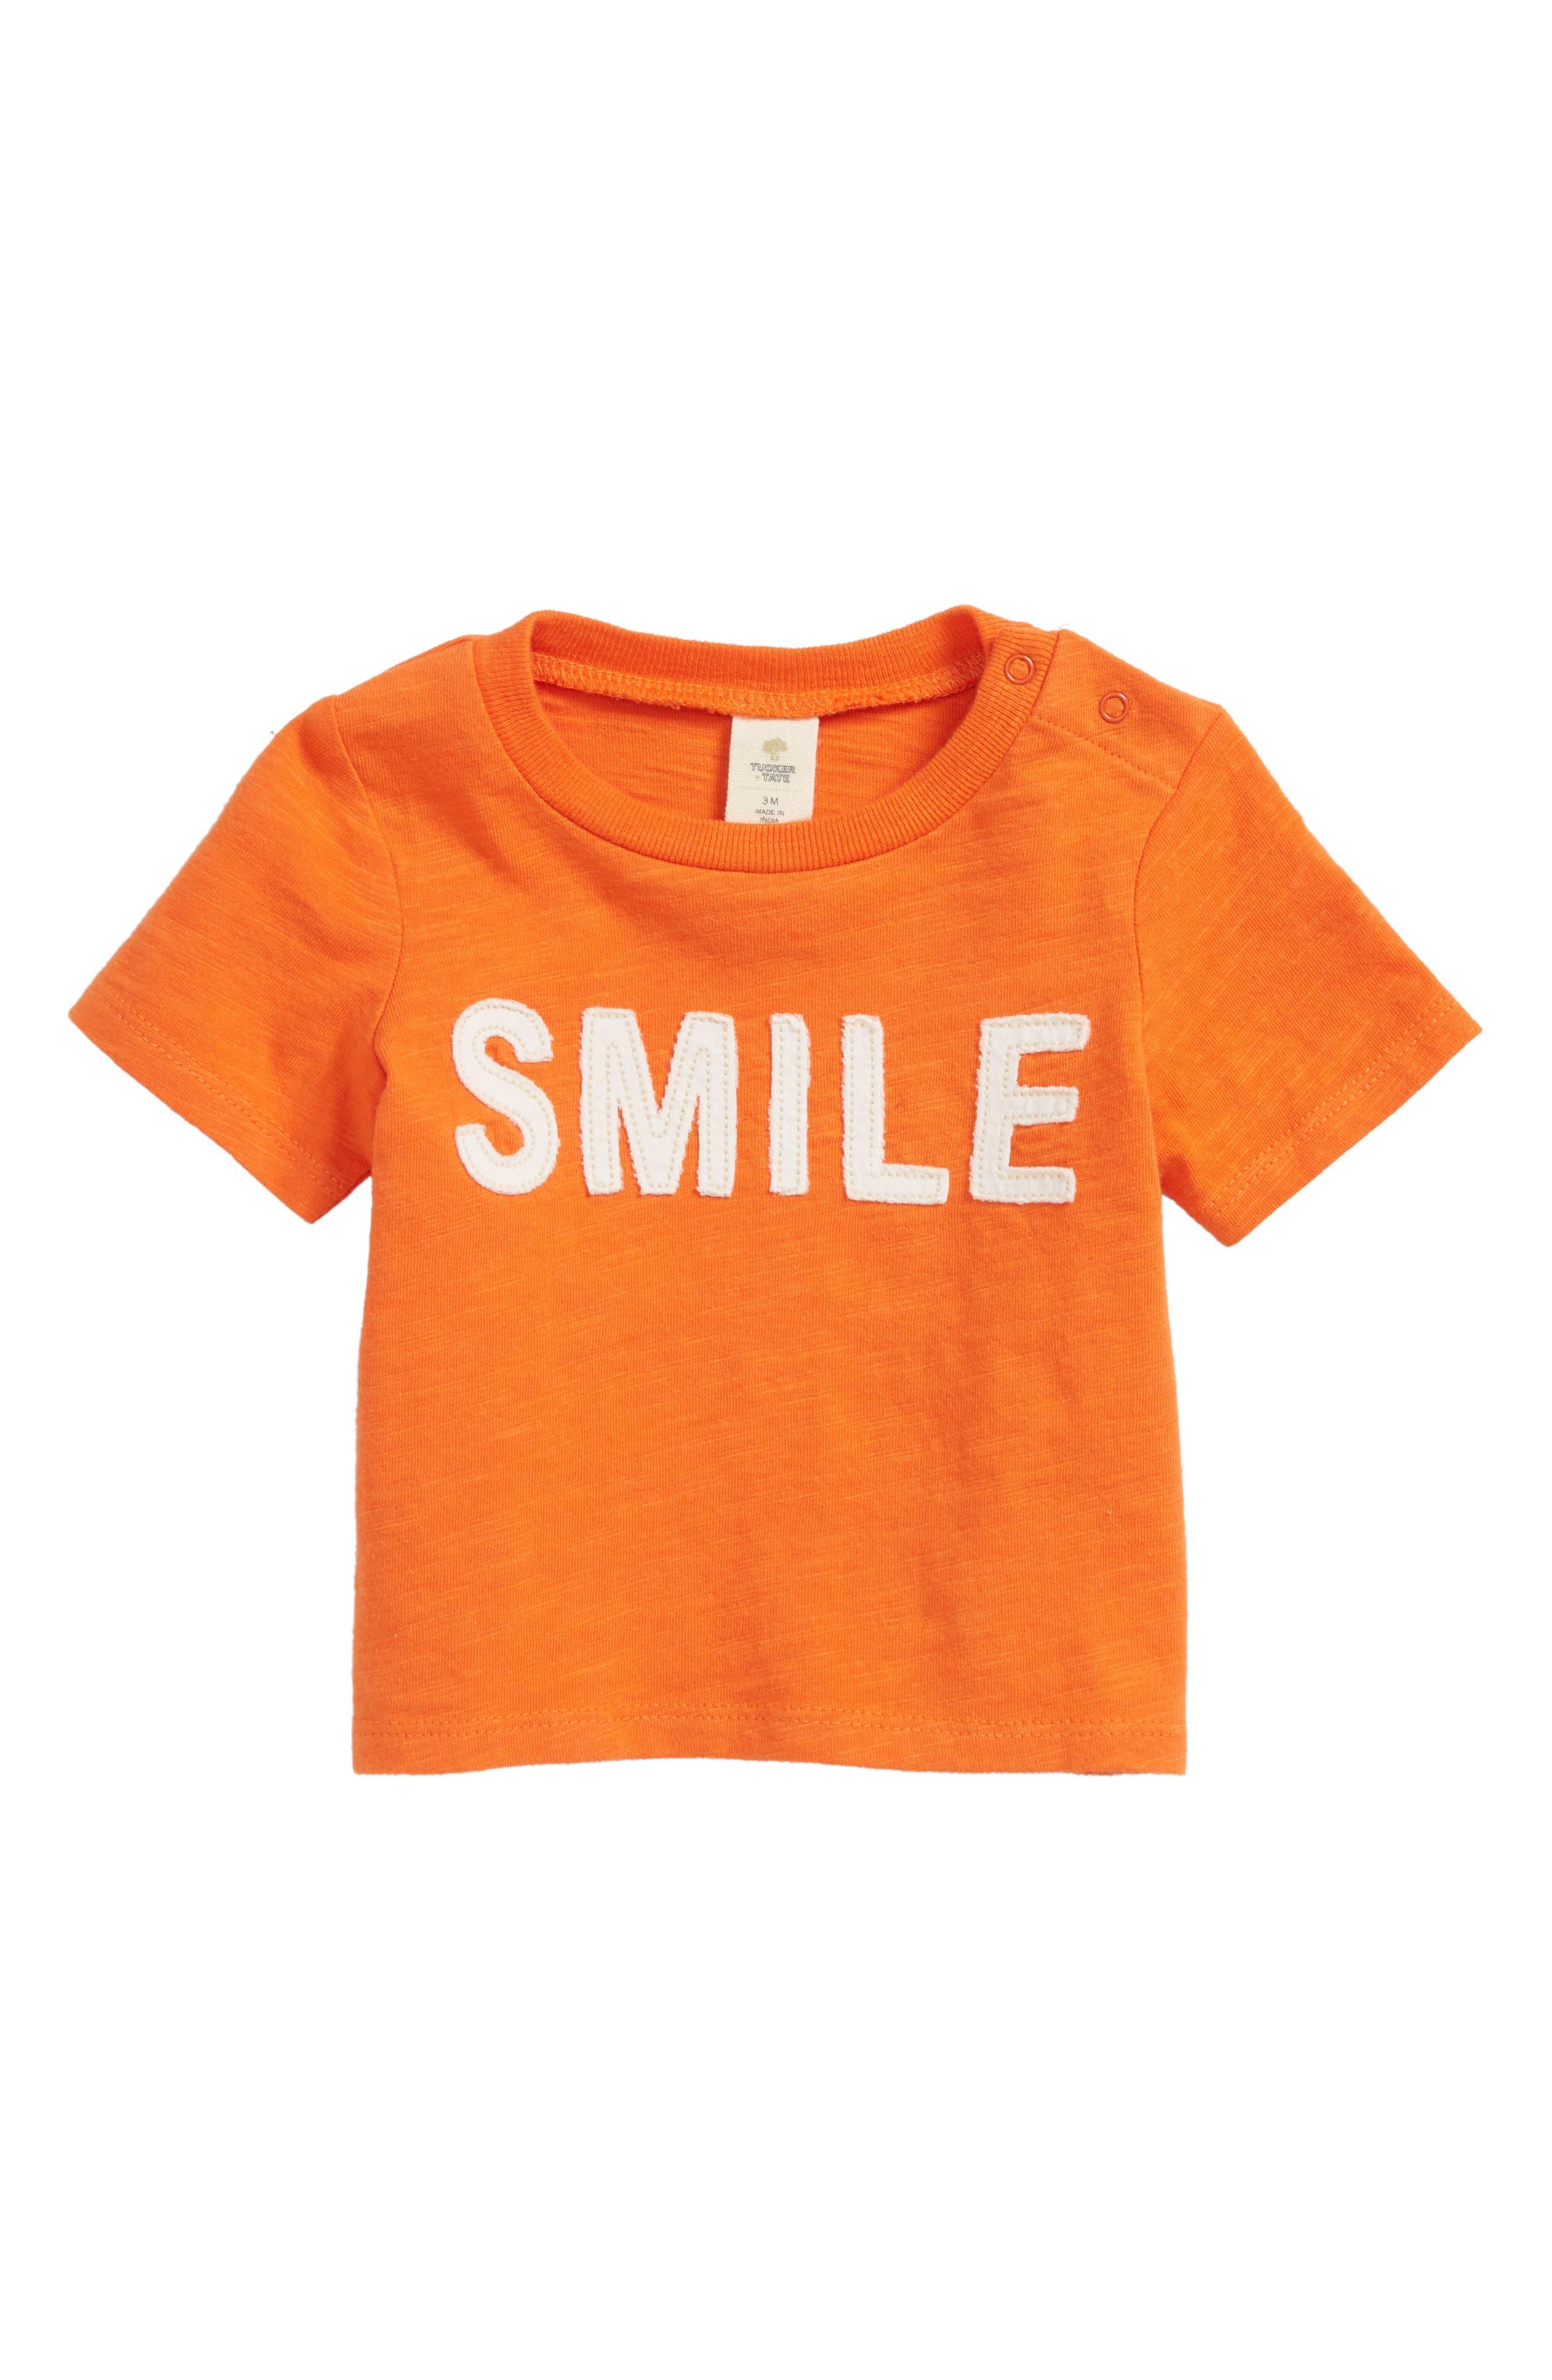 Smile Appliqué T-Shirt,                             Main thumbnail 1, color,                             800